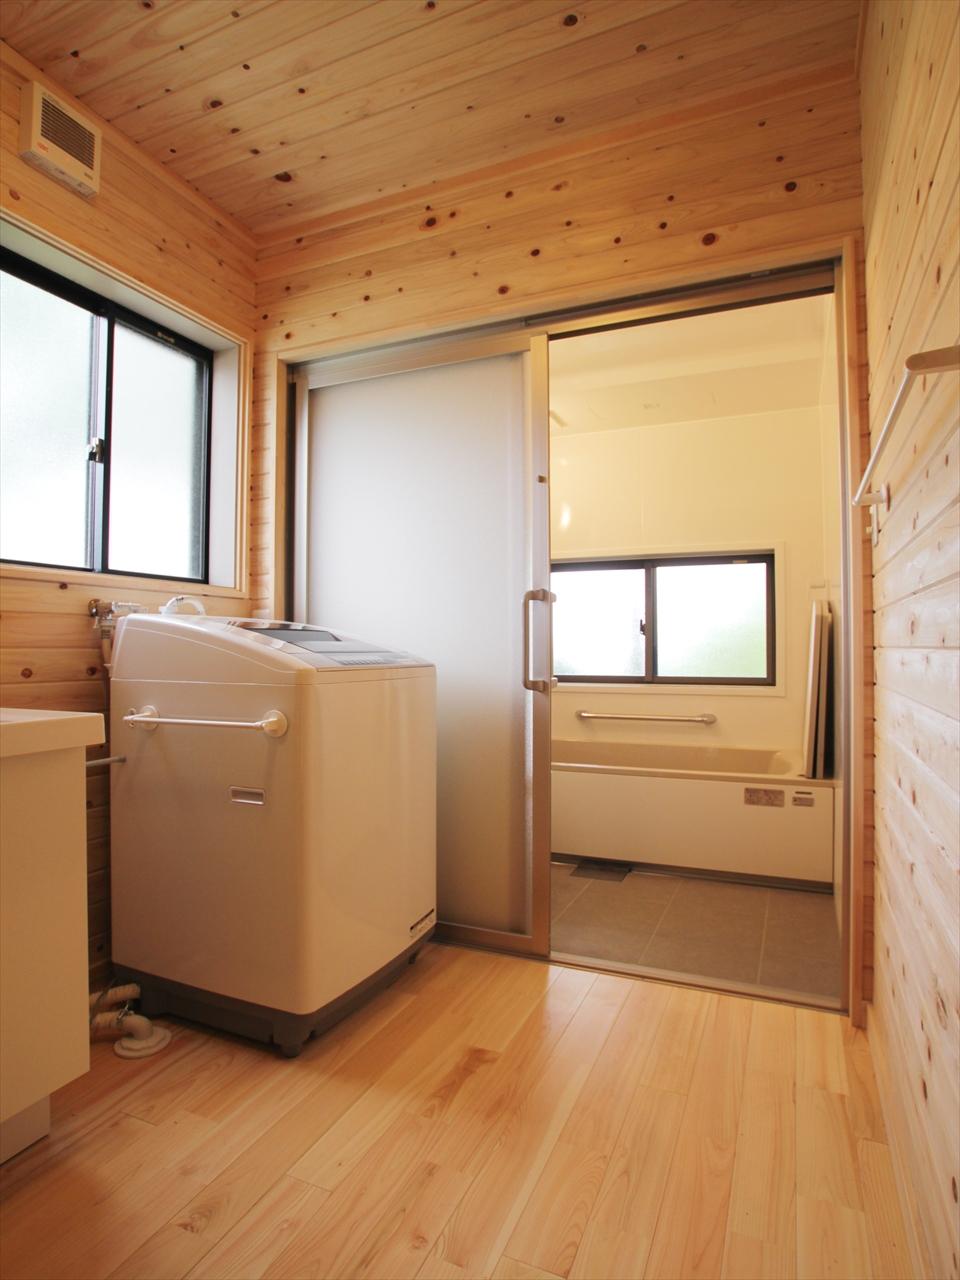 ヒノキ仕上げの脱衣室は、清潔感でいっぱい。奥の浴室は質実剛健なホーロー浴室です。